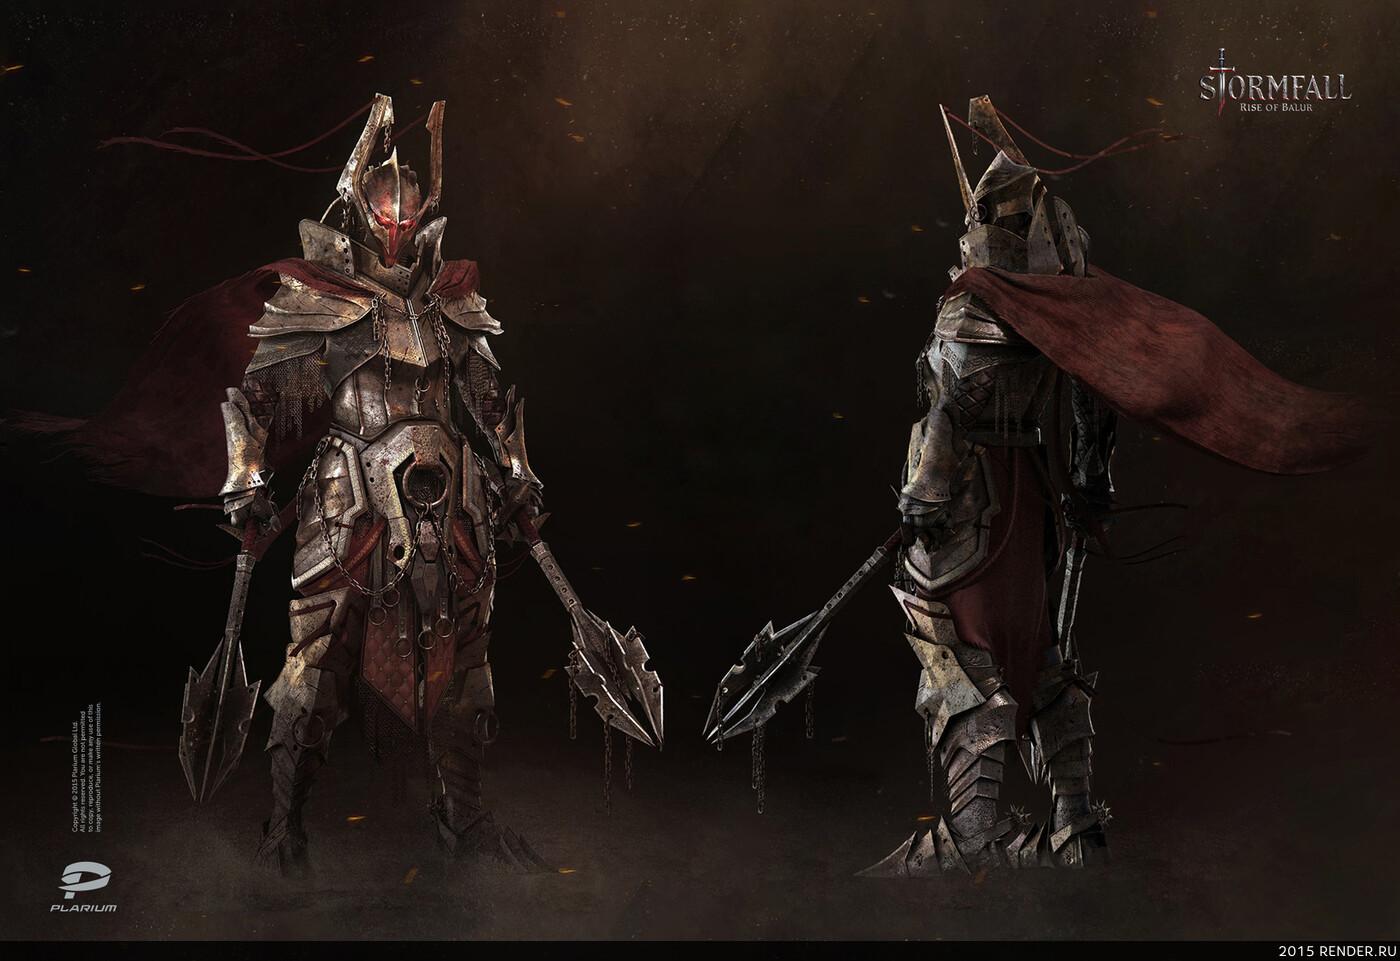 digital 3d, game art, Plarium, Dark fantasy, knight